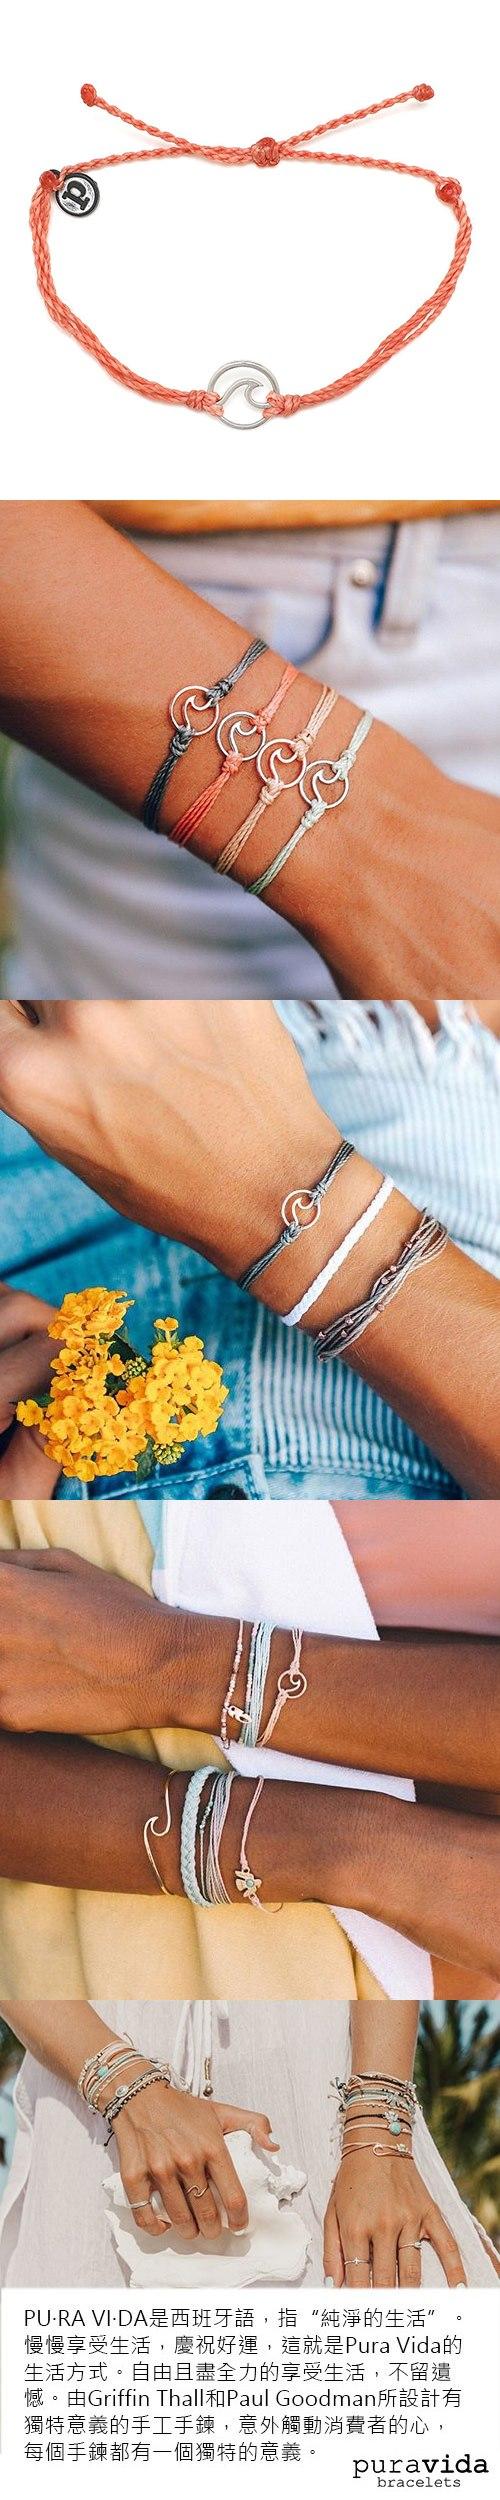 (複製)Pura Vida | 美國手工 銀色沙錢 白色臘線手鍊手環